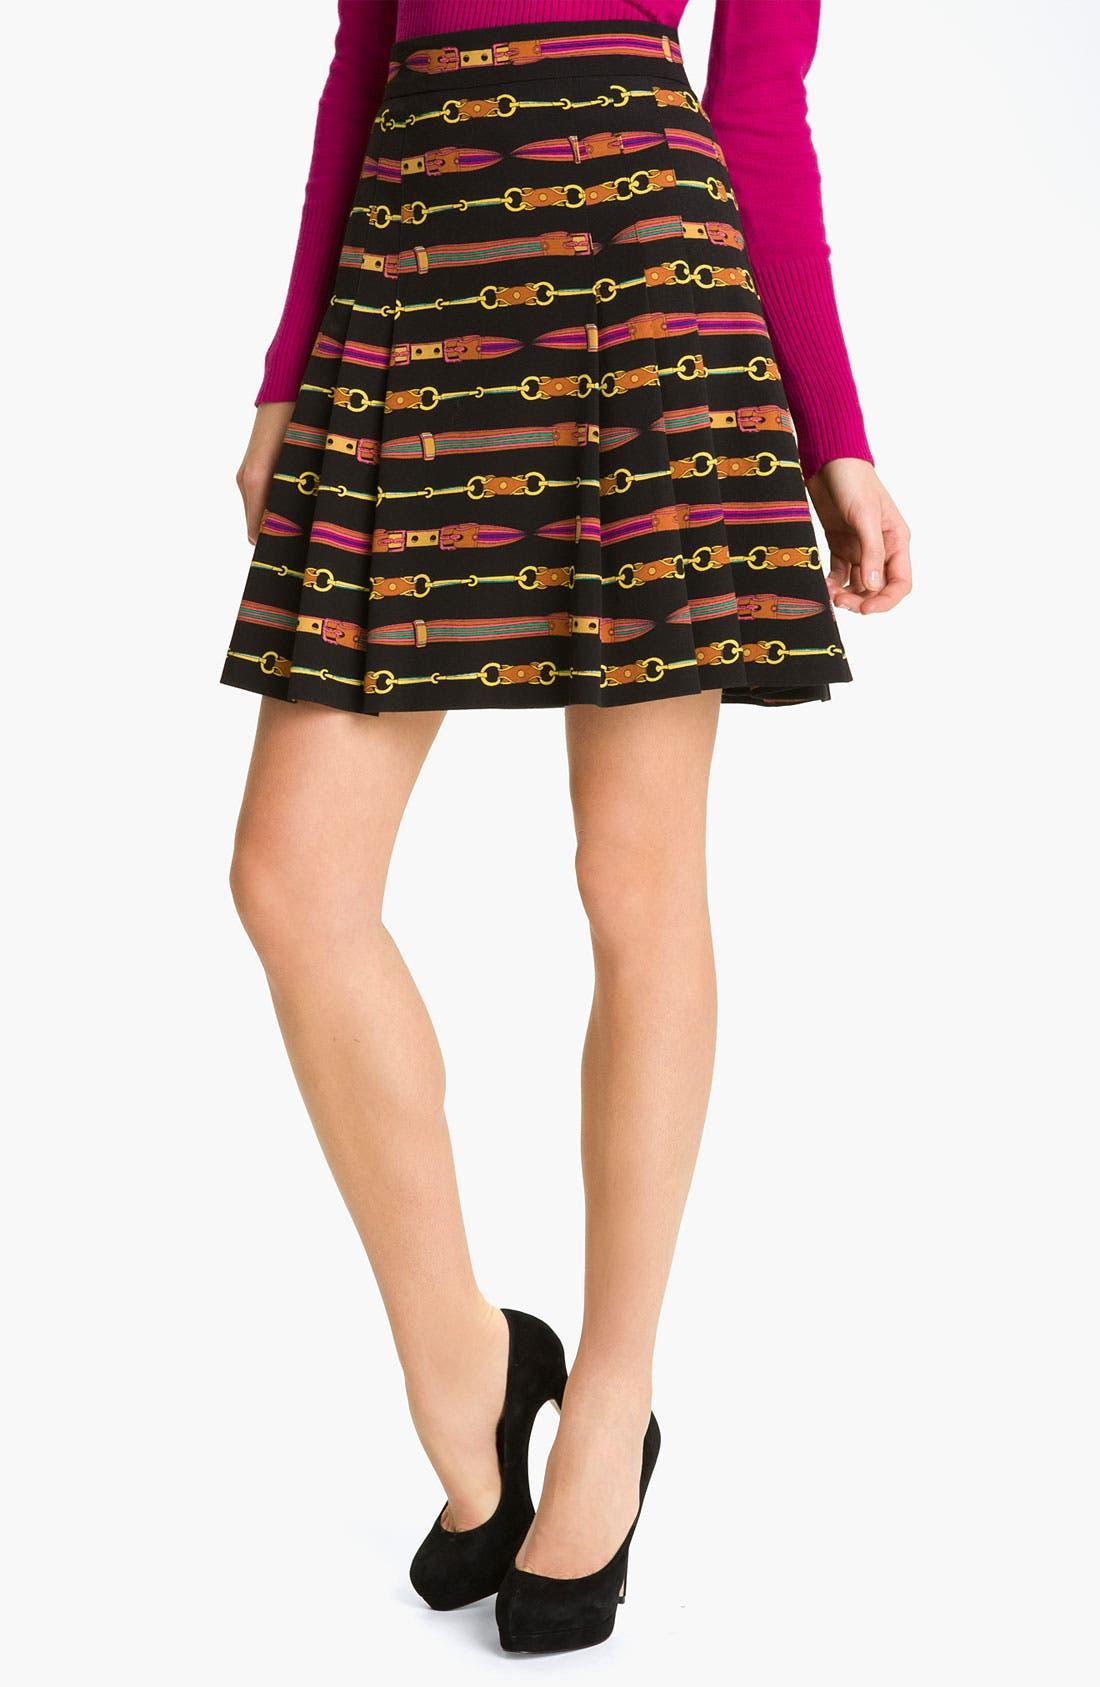 Alternate Image 1 Selected - Nanette Lepore 'Thoroughbred' Skirt